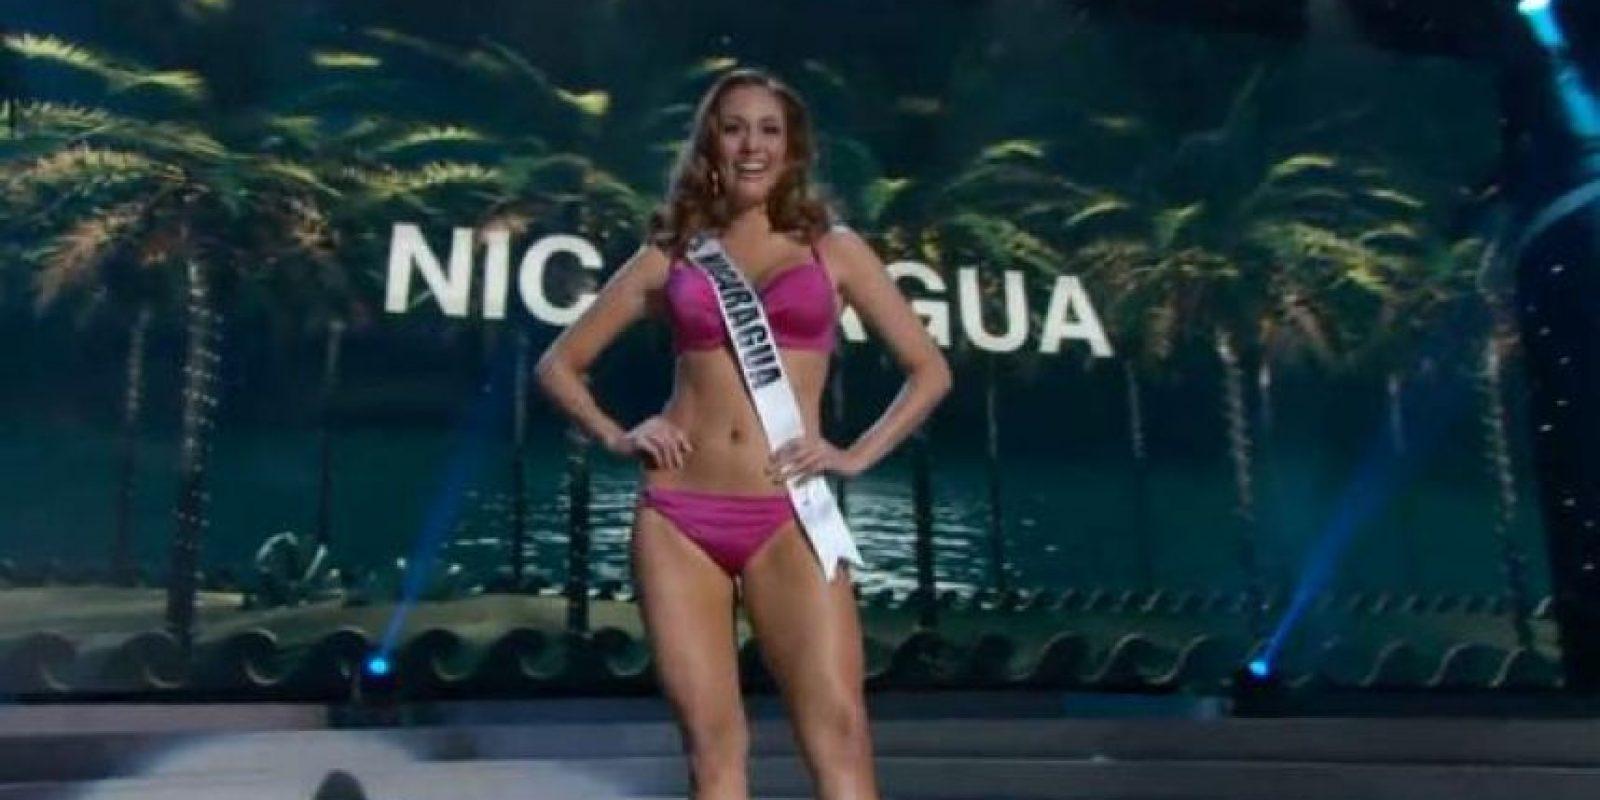 Miss Nicaragua por poco cae al piso mientras giraba. Foto:Miss Universe.com